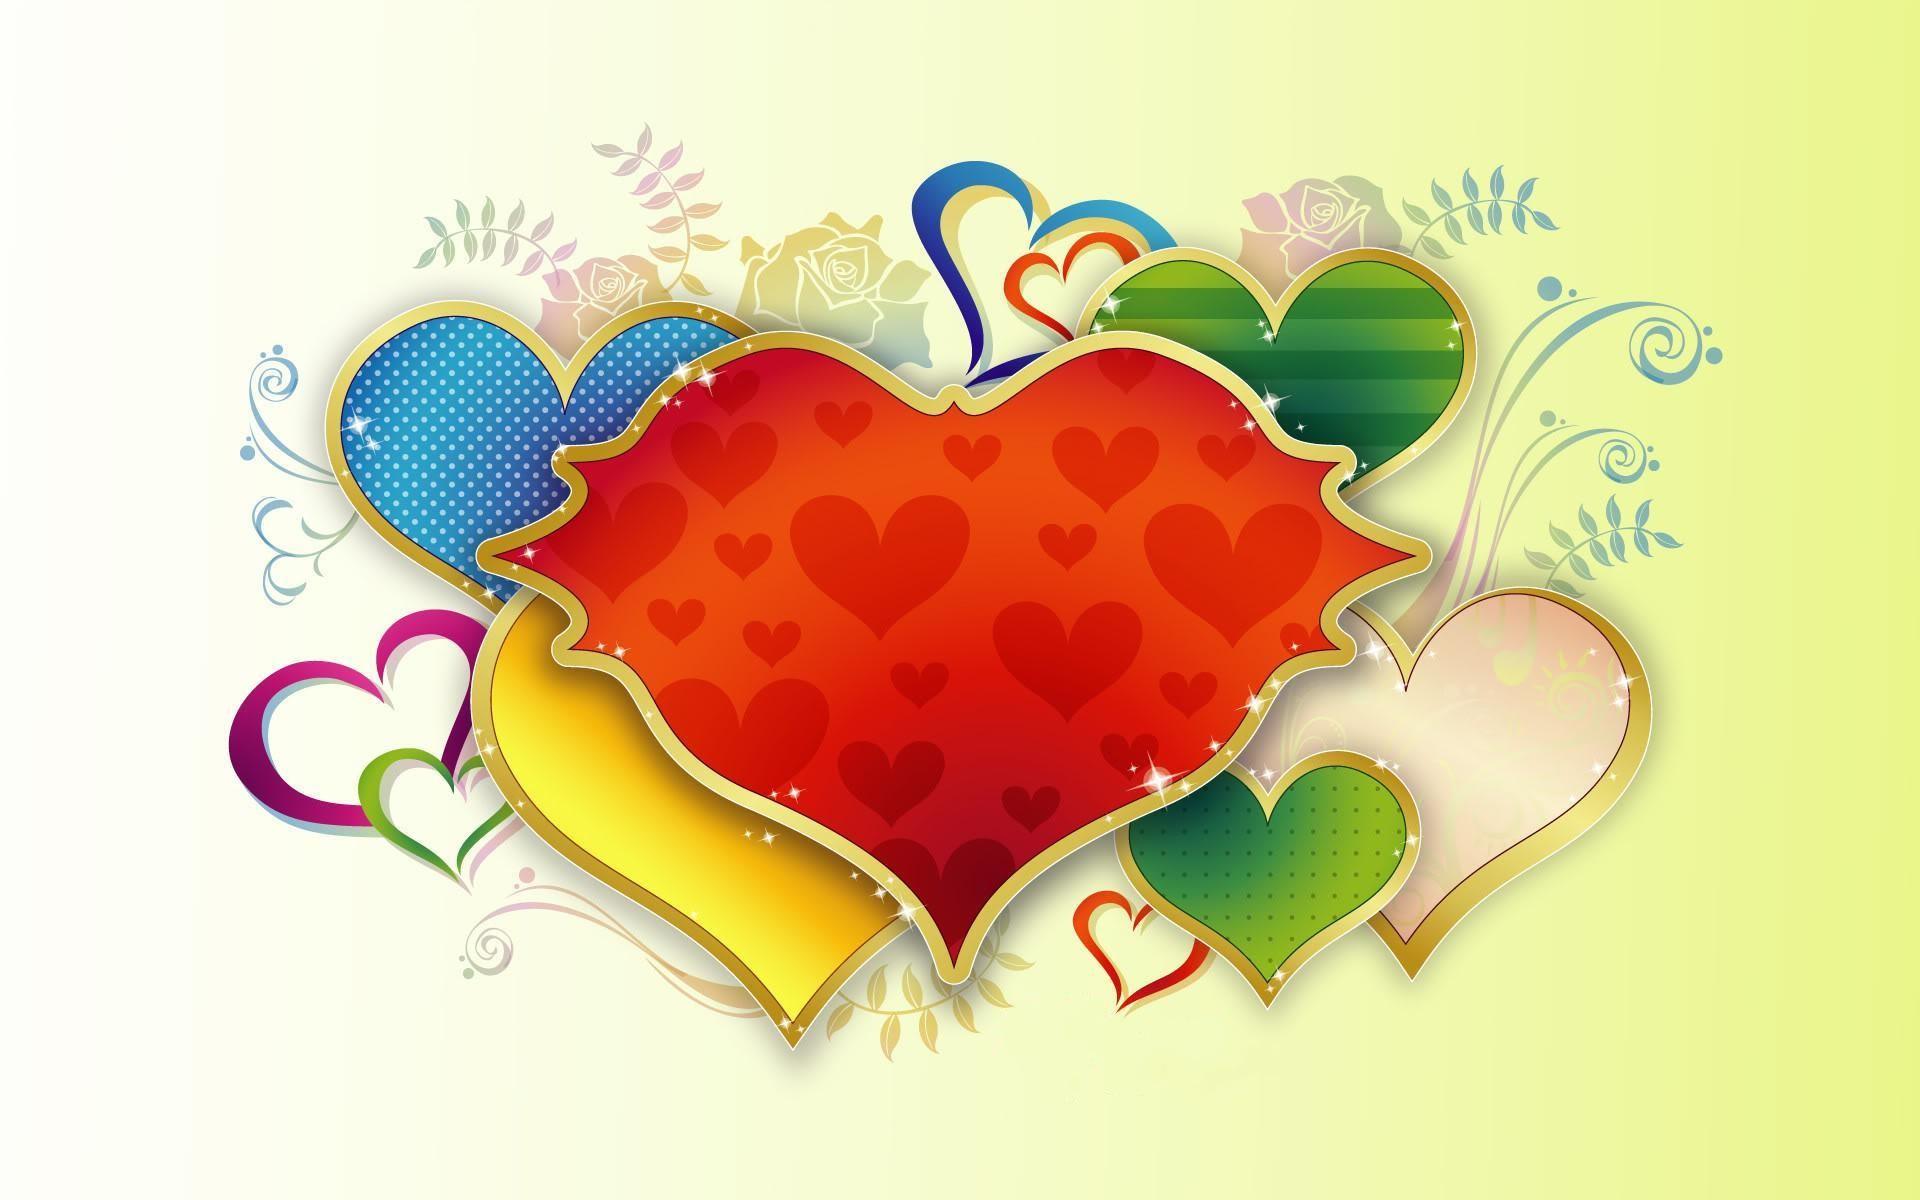 сердечки, узоры, рисунок